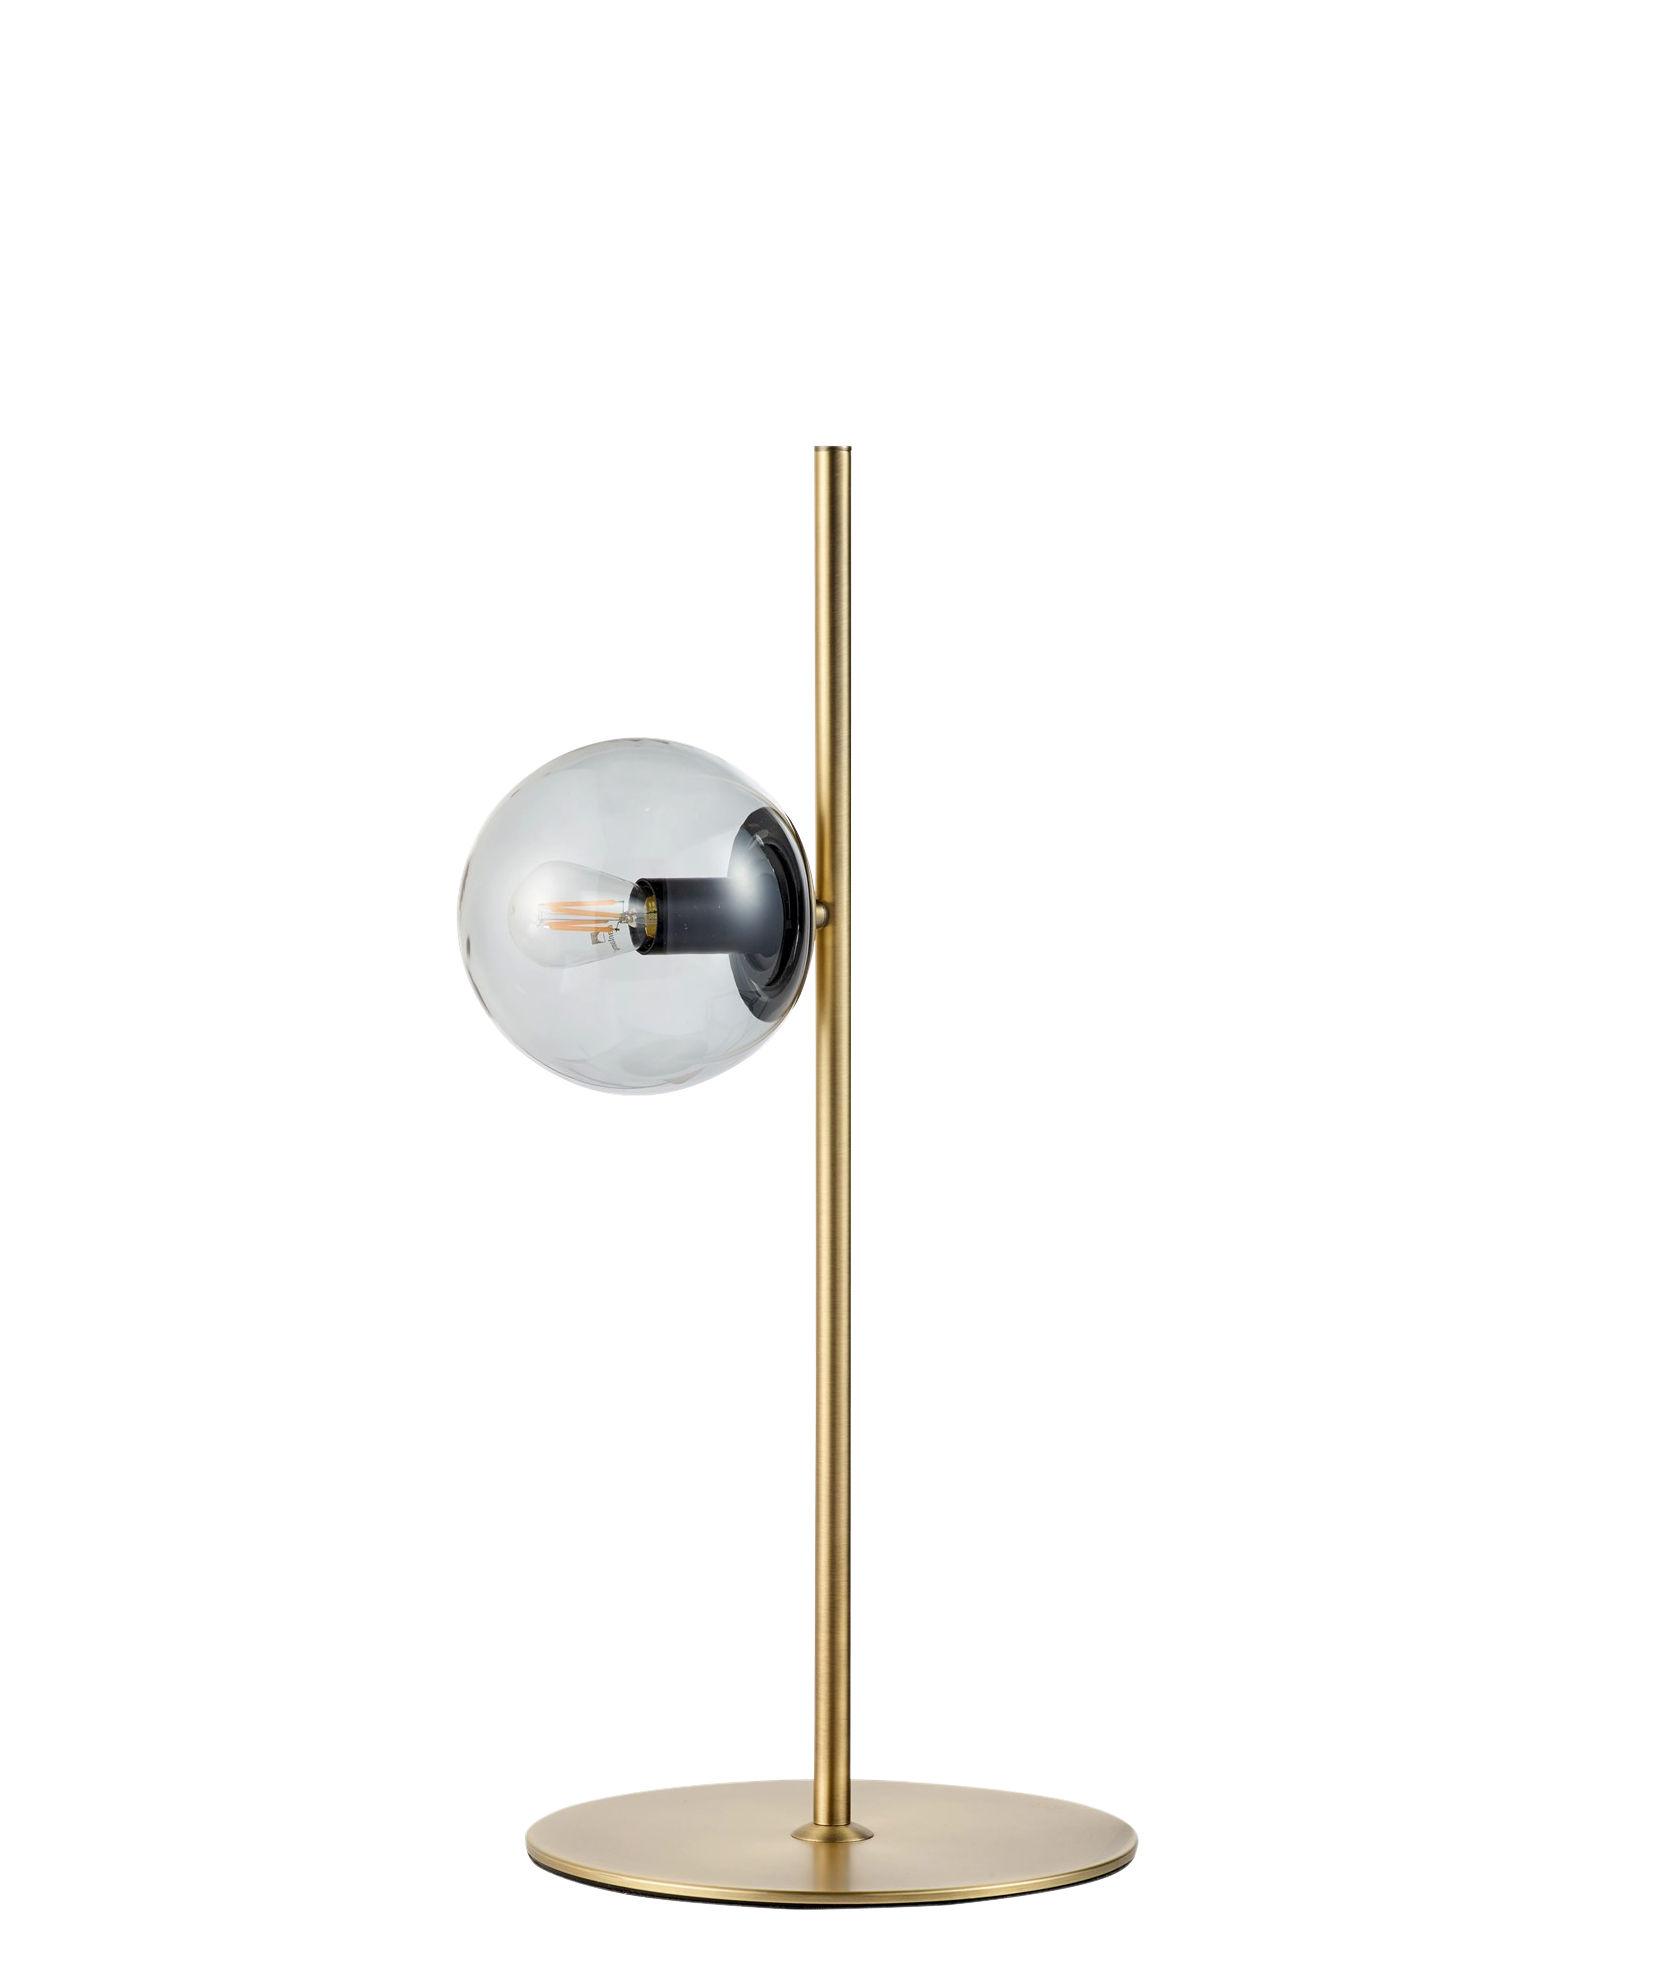 Illuminazione - Lampade da tavolo - Lampada da posa Orb - / Ottone - H 57 cm di Bolia - Ottone - Ottone